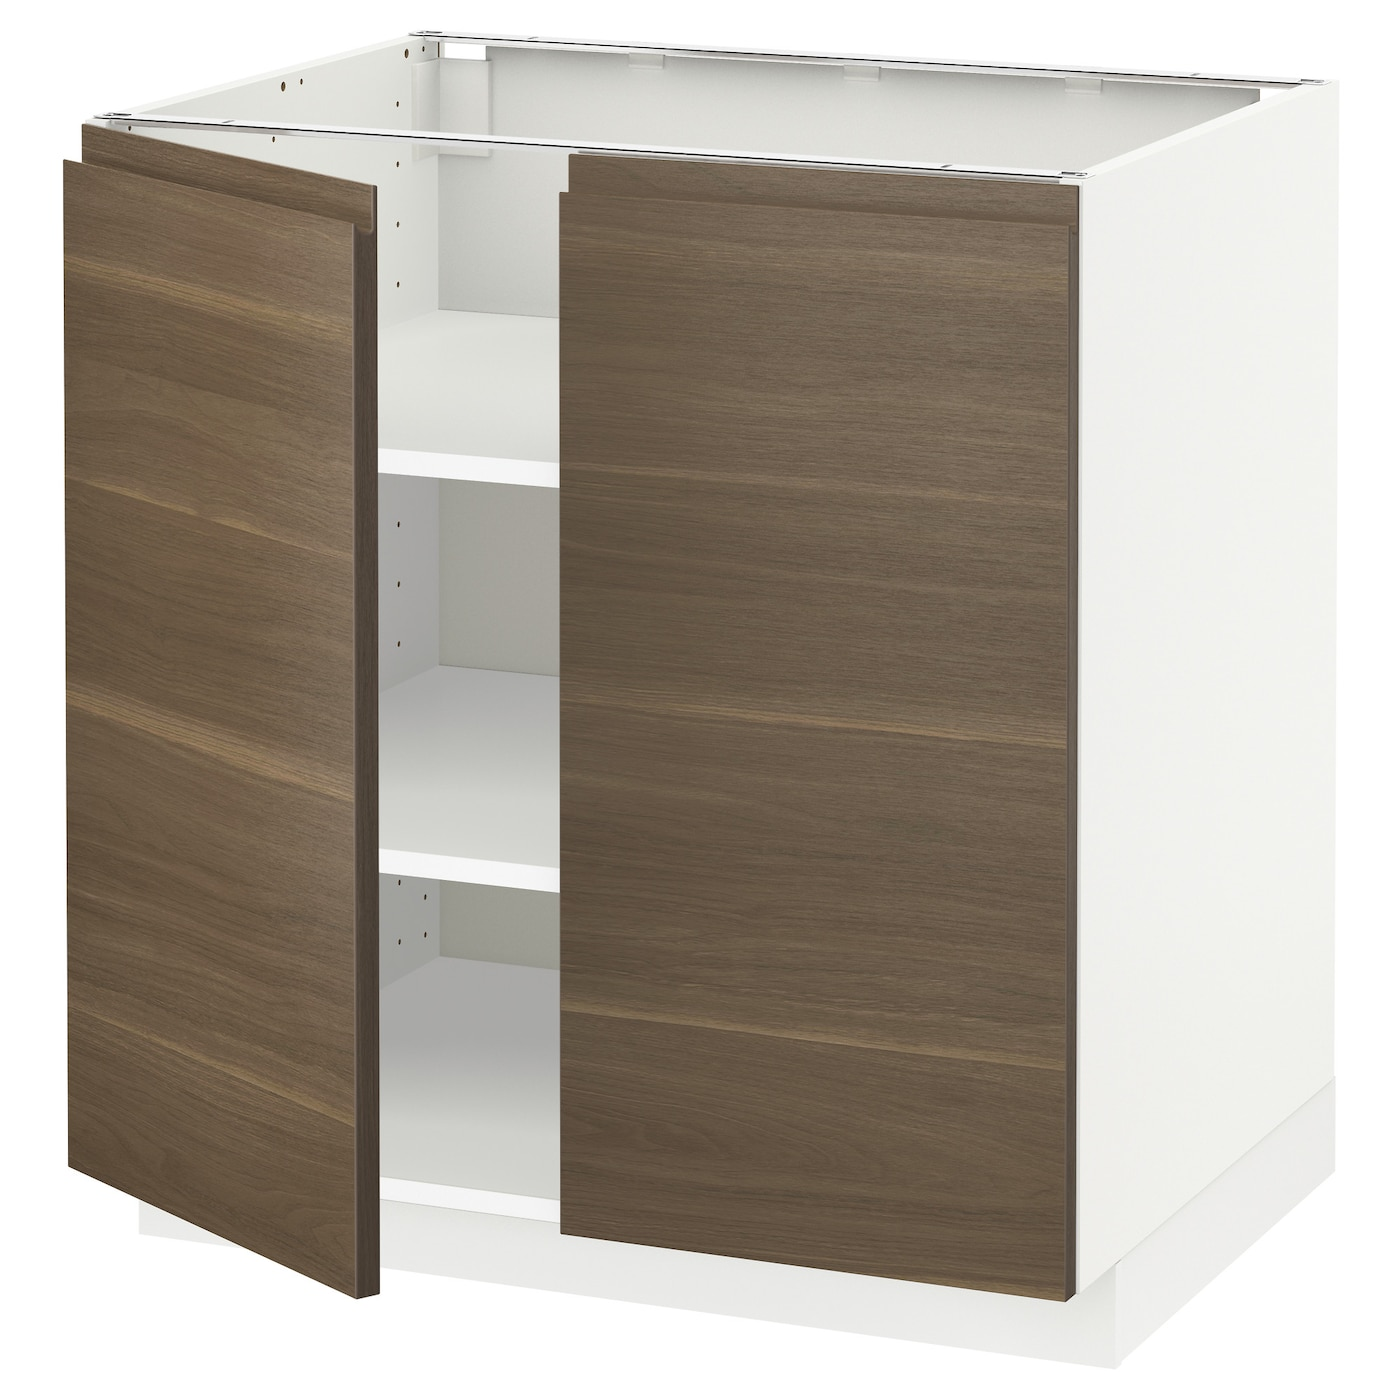 Metod armario bajo cocina puertas baldas blanco voxtorp - Ikea baldas cocina ...